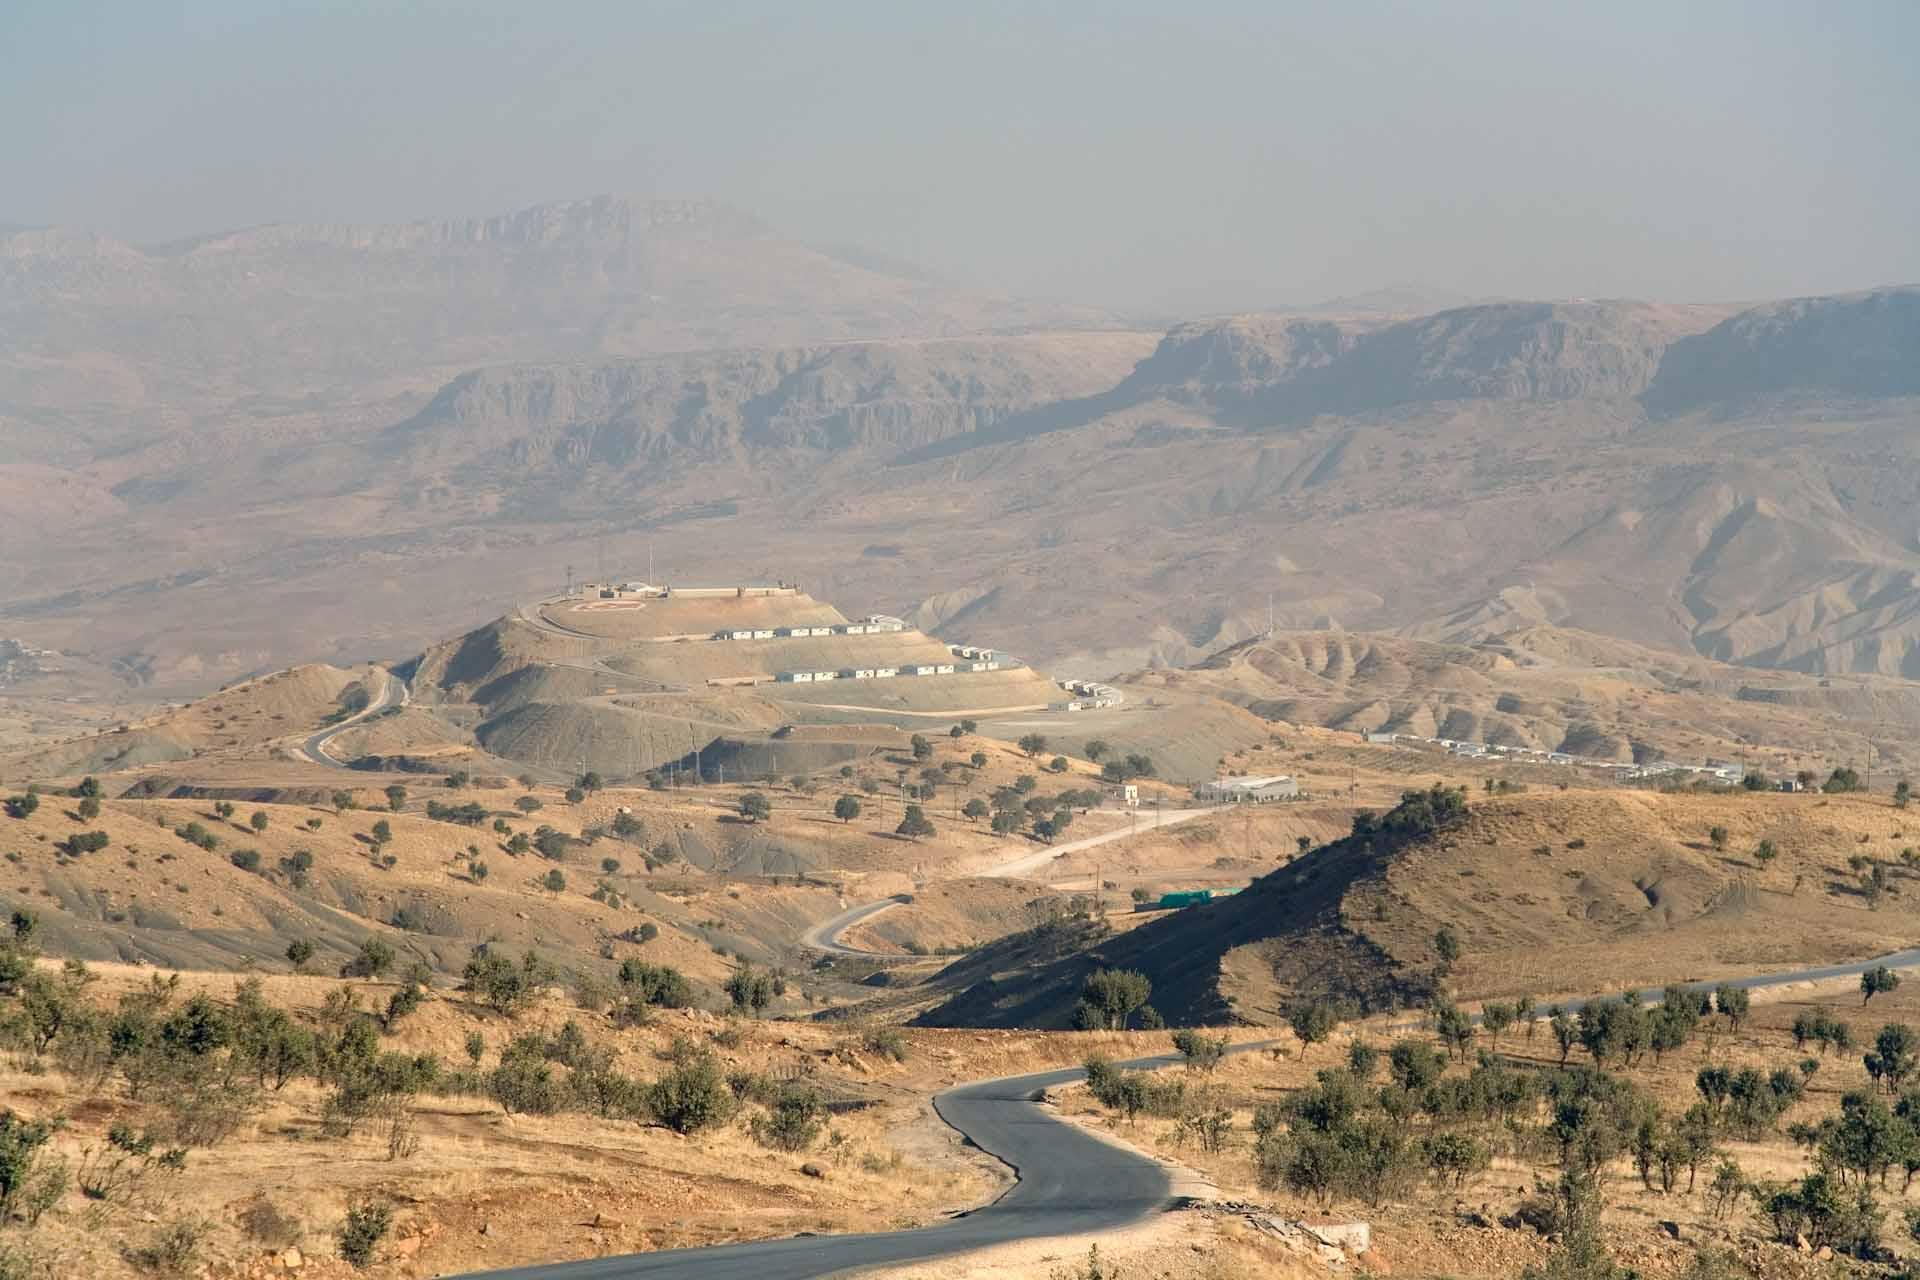 Die eigentliche Baustelle des Staudamms ist grossräumig abgeriegelt und kann nur mit einer Sondergenehmigung aus Ankara besucht werden. Vor Ort sieht man schon von Weitem eine stark veränderte Geologie und Verteidigungsanlagen, die das türkische Militär auf den umliegenden Bergen errichtet hat. Die Infrastruktur der Baustelle ist wiederholt ein Ziel für Angriffe bewaffneter Gruppen gewesen.